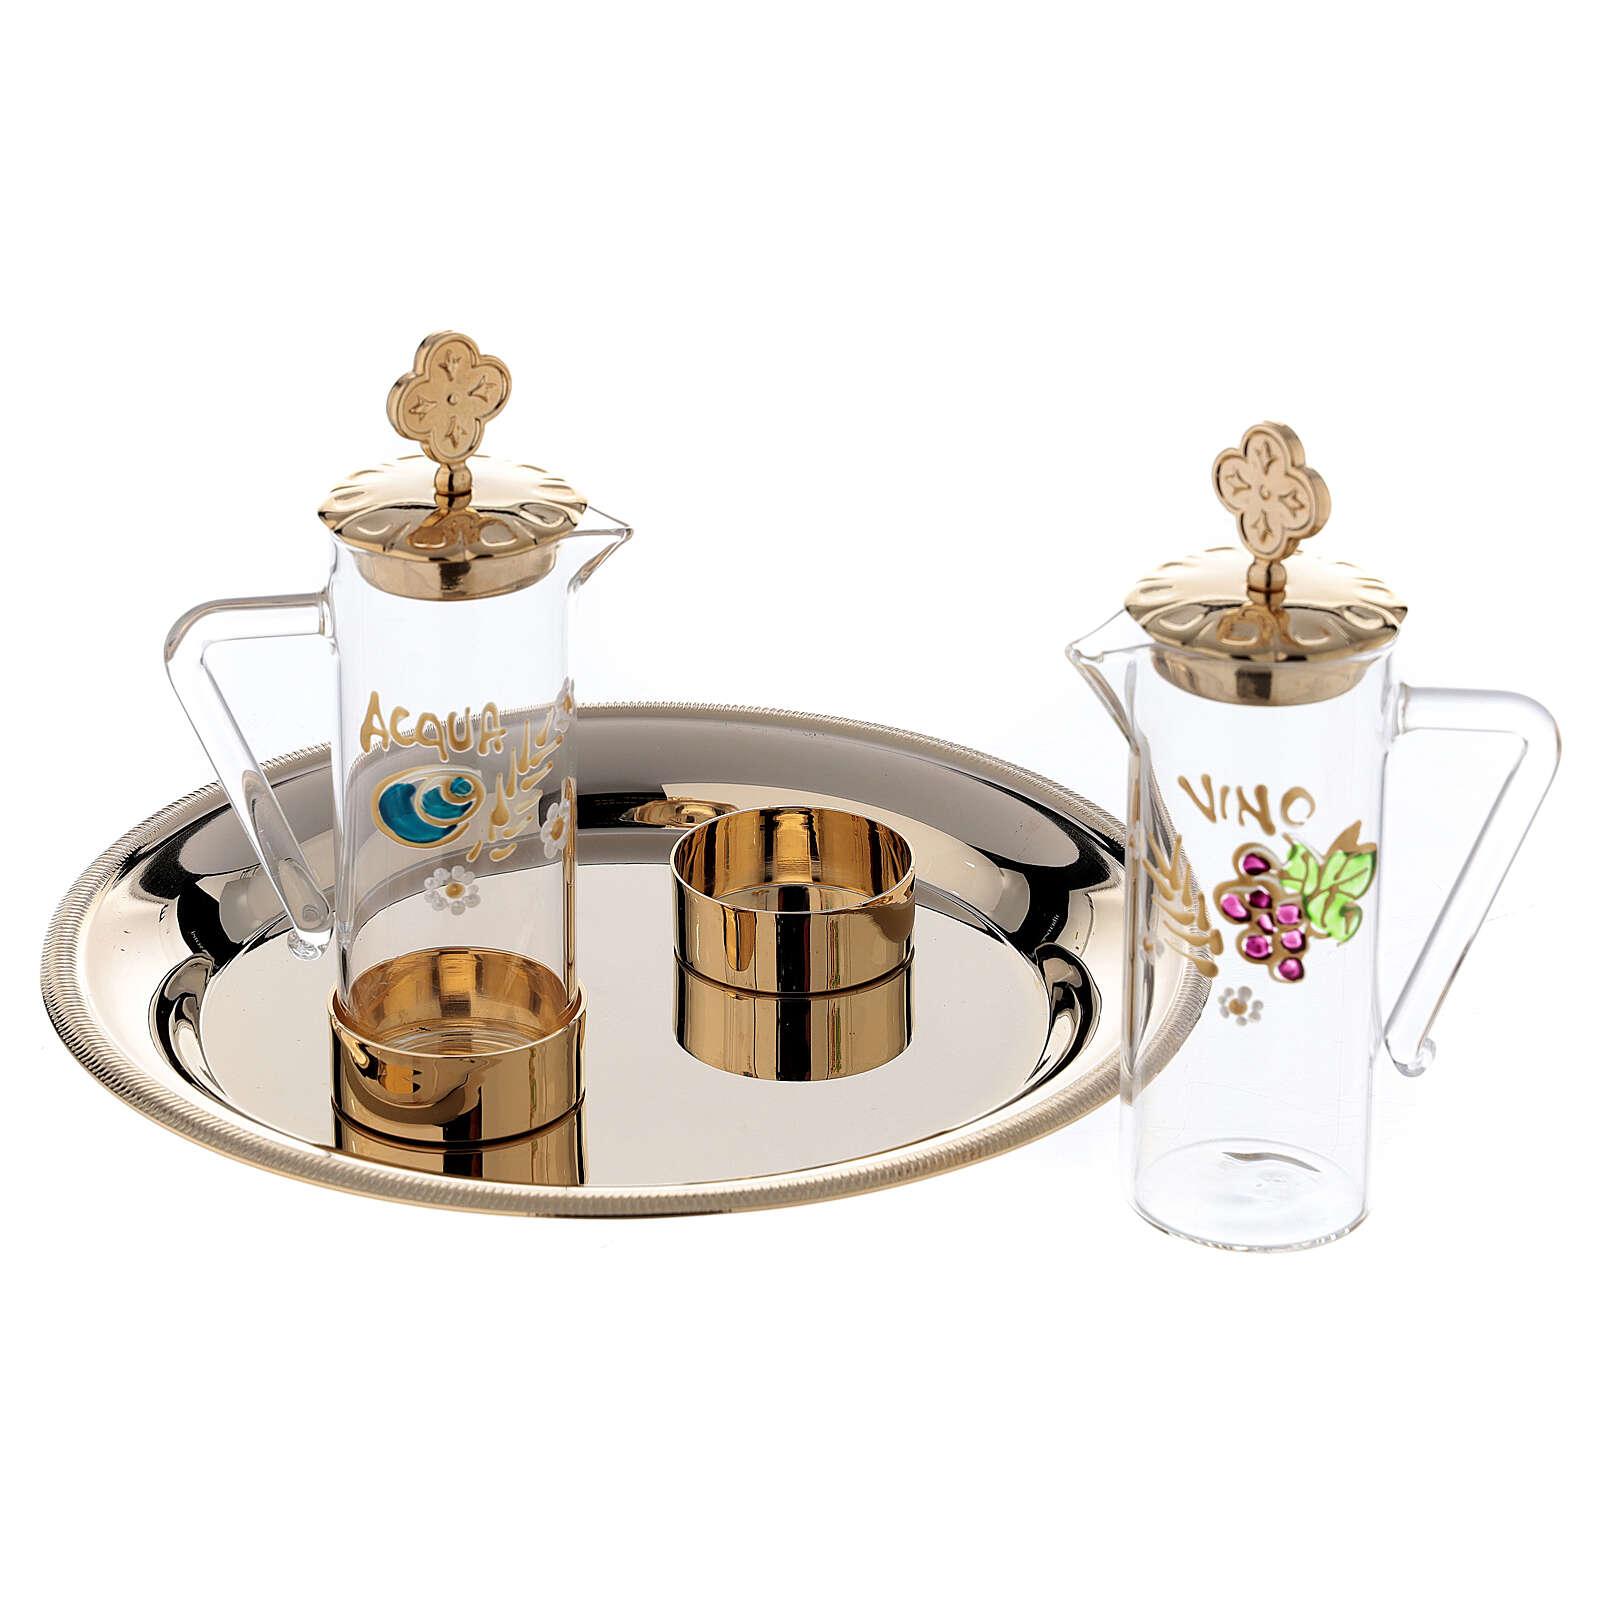 Servizio per manutergio acqua e vino mod. Ravenna 4